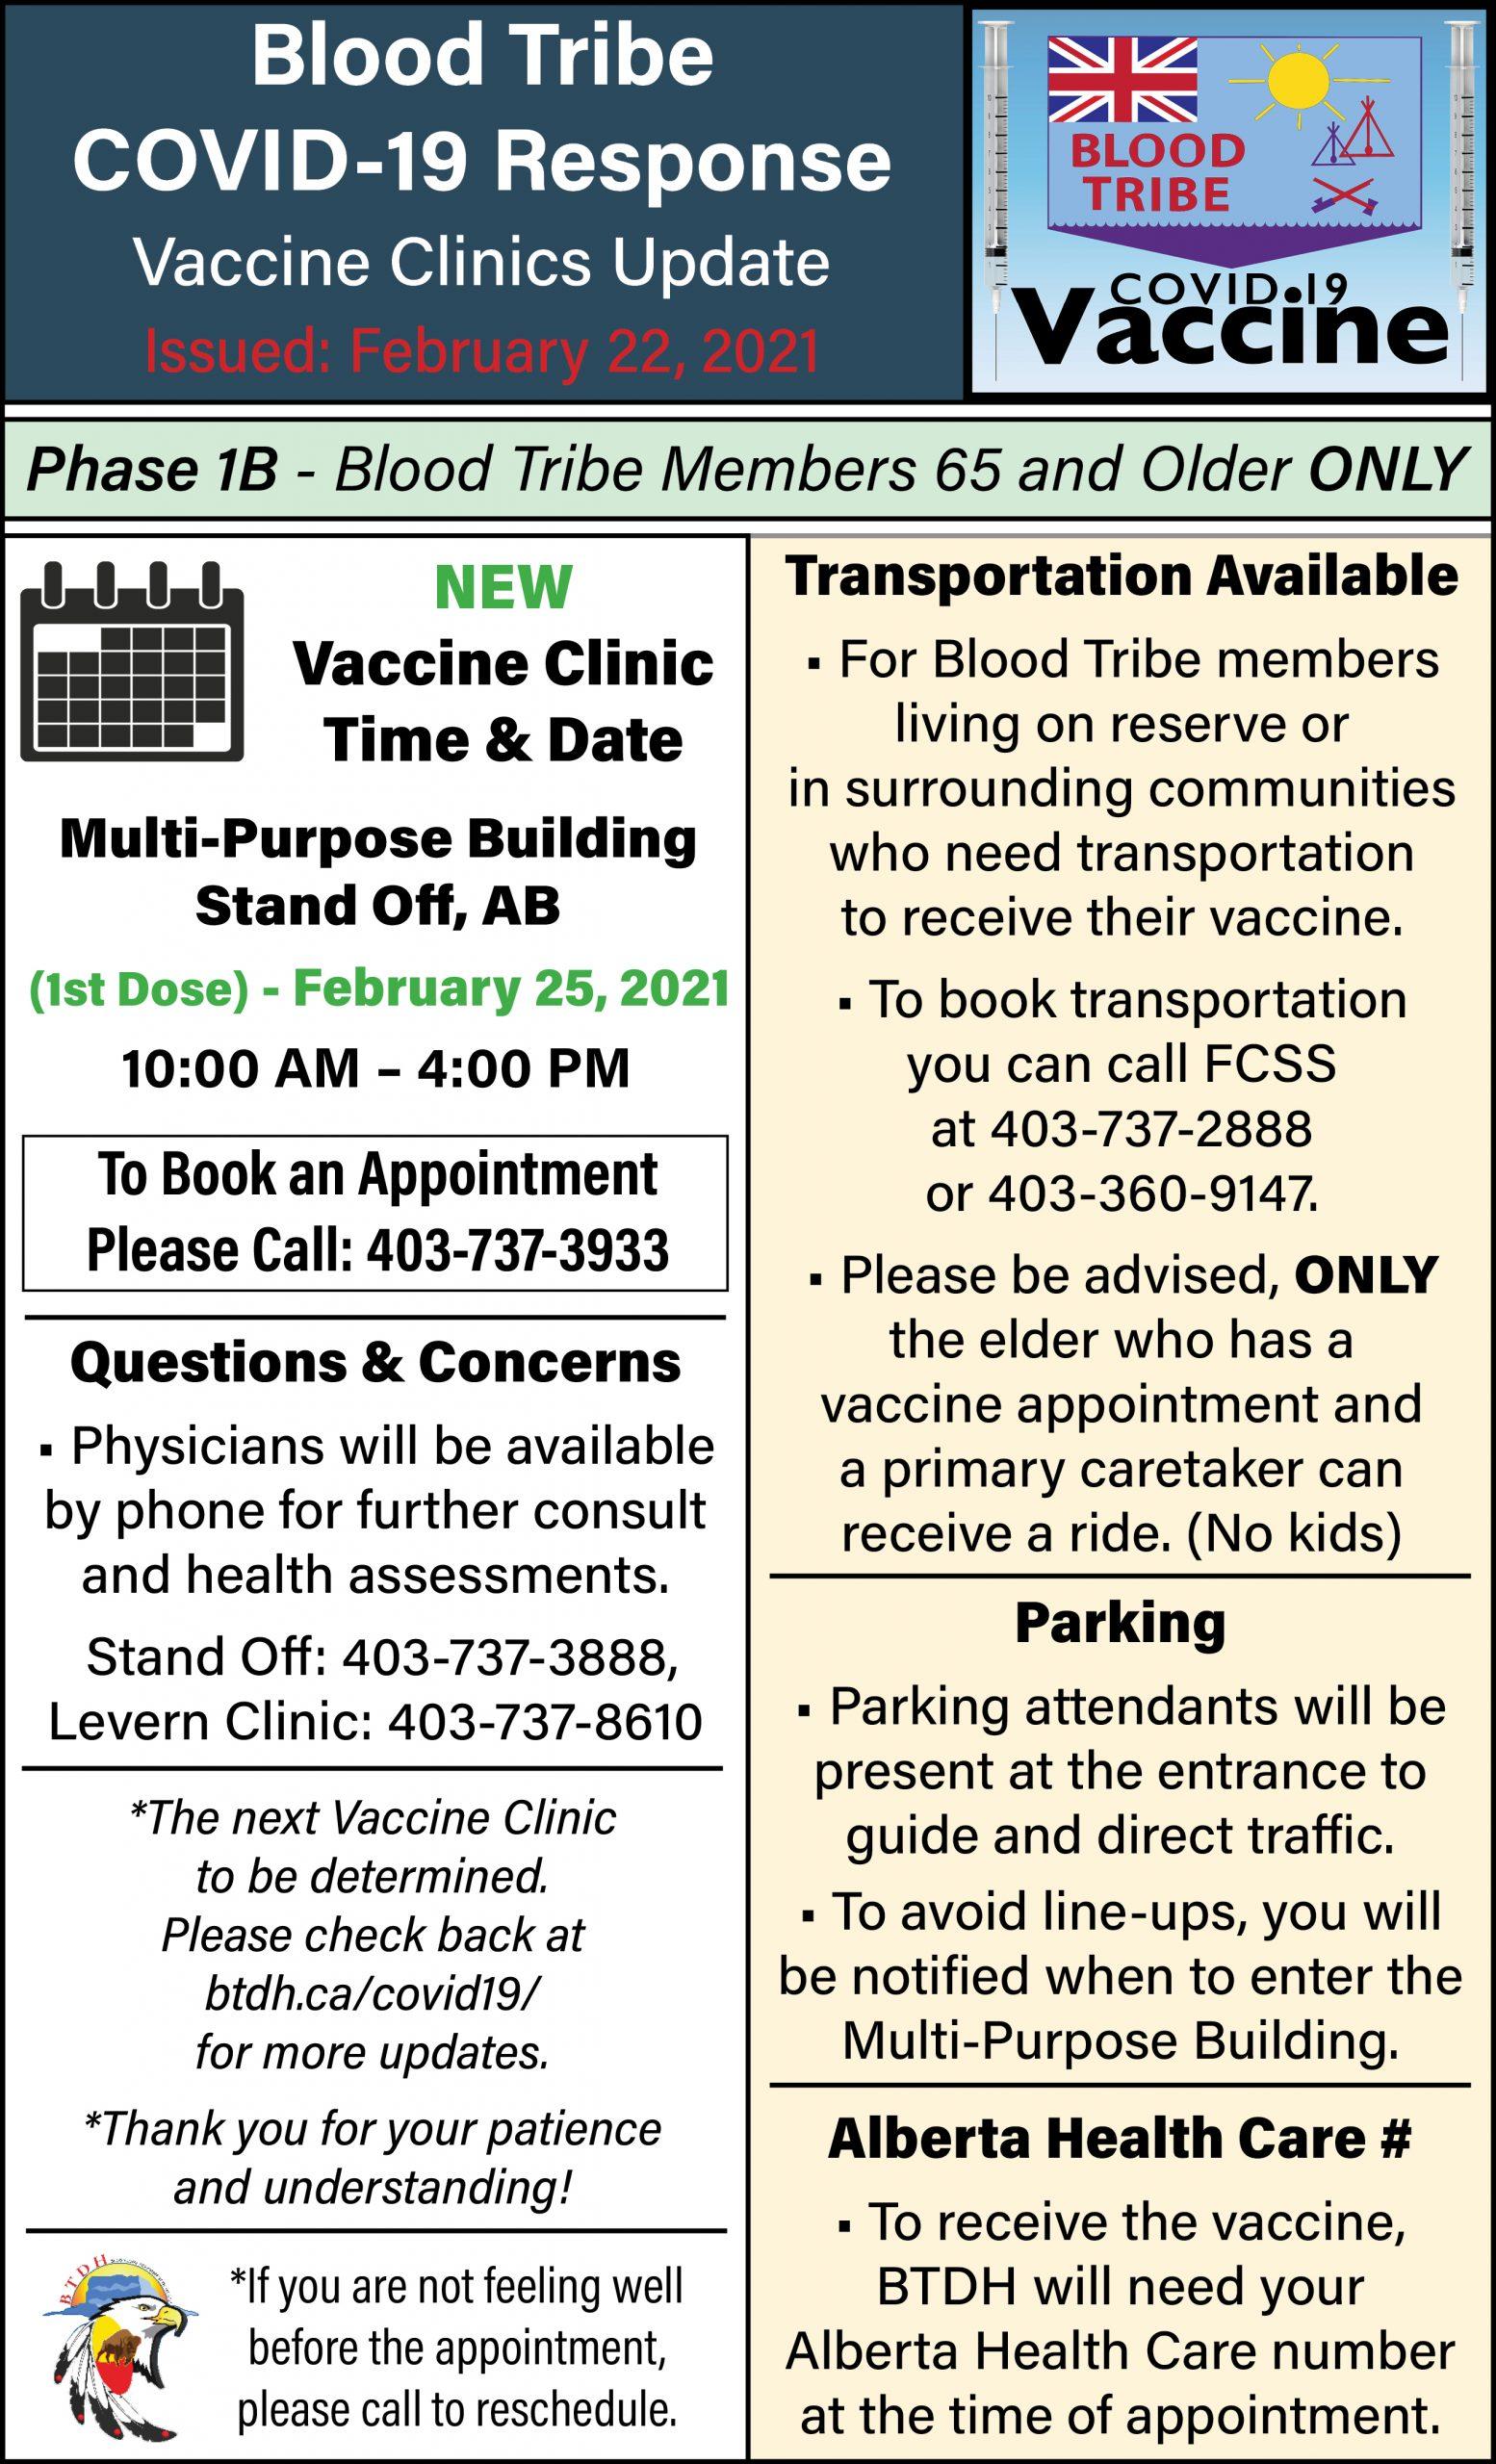 COVID-19 Vaccine Clinic Update - February 22, 2021